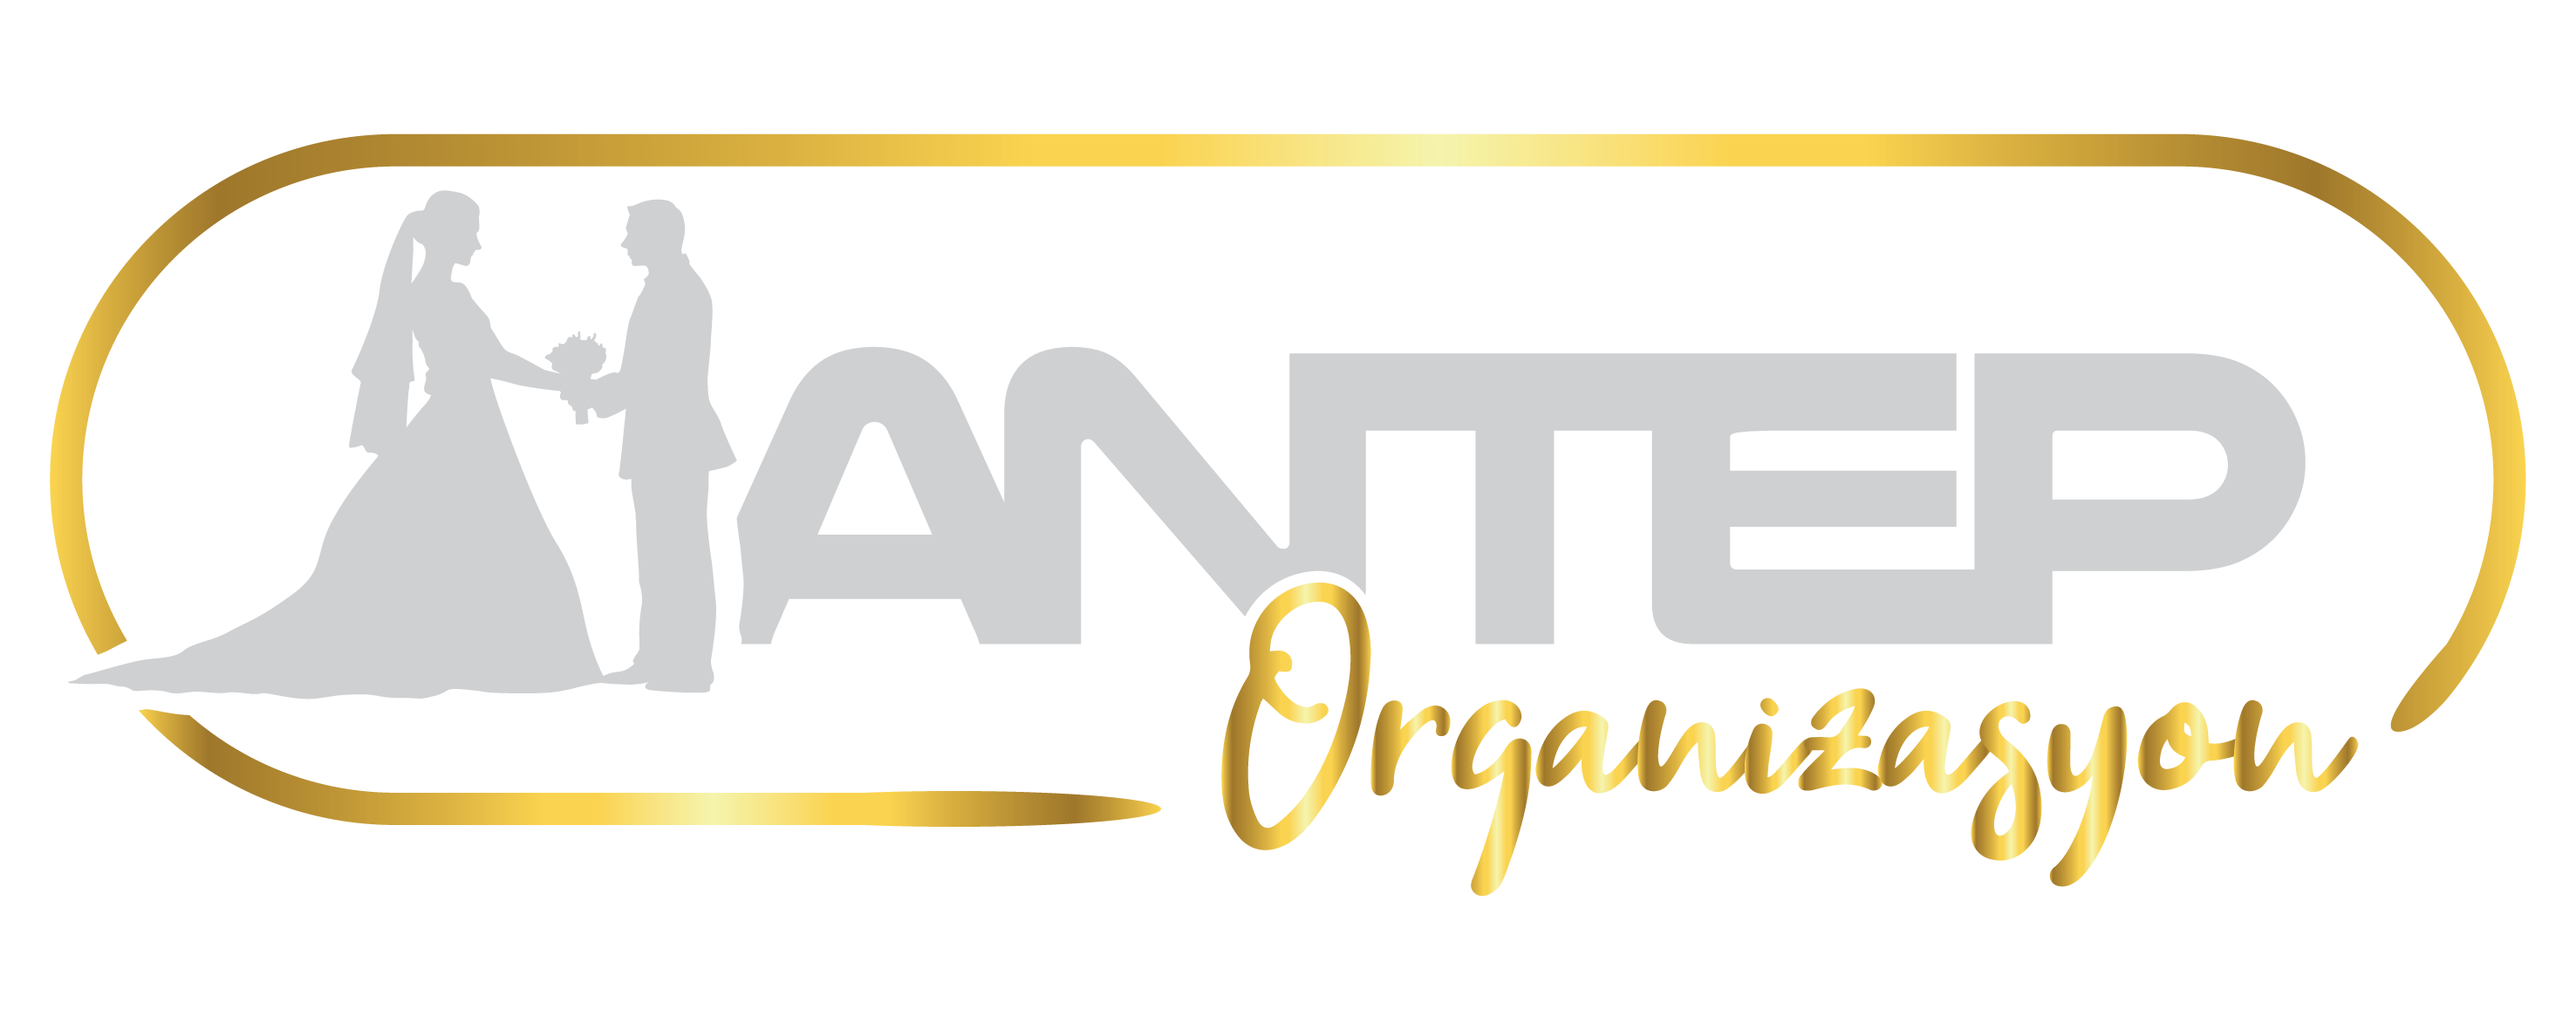 Gaziantep Organizasyon Hizmetleri